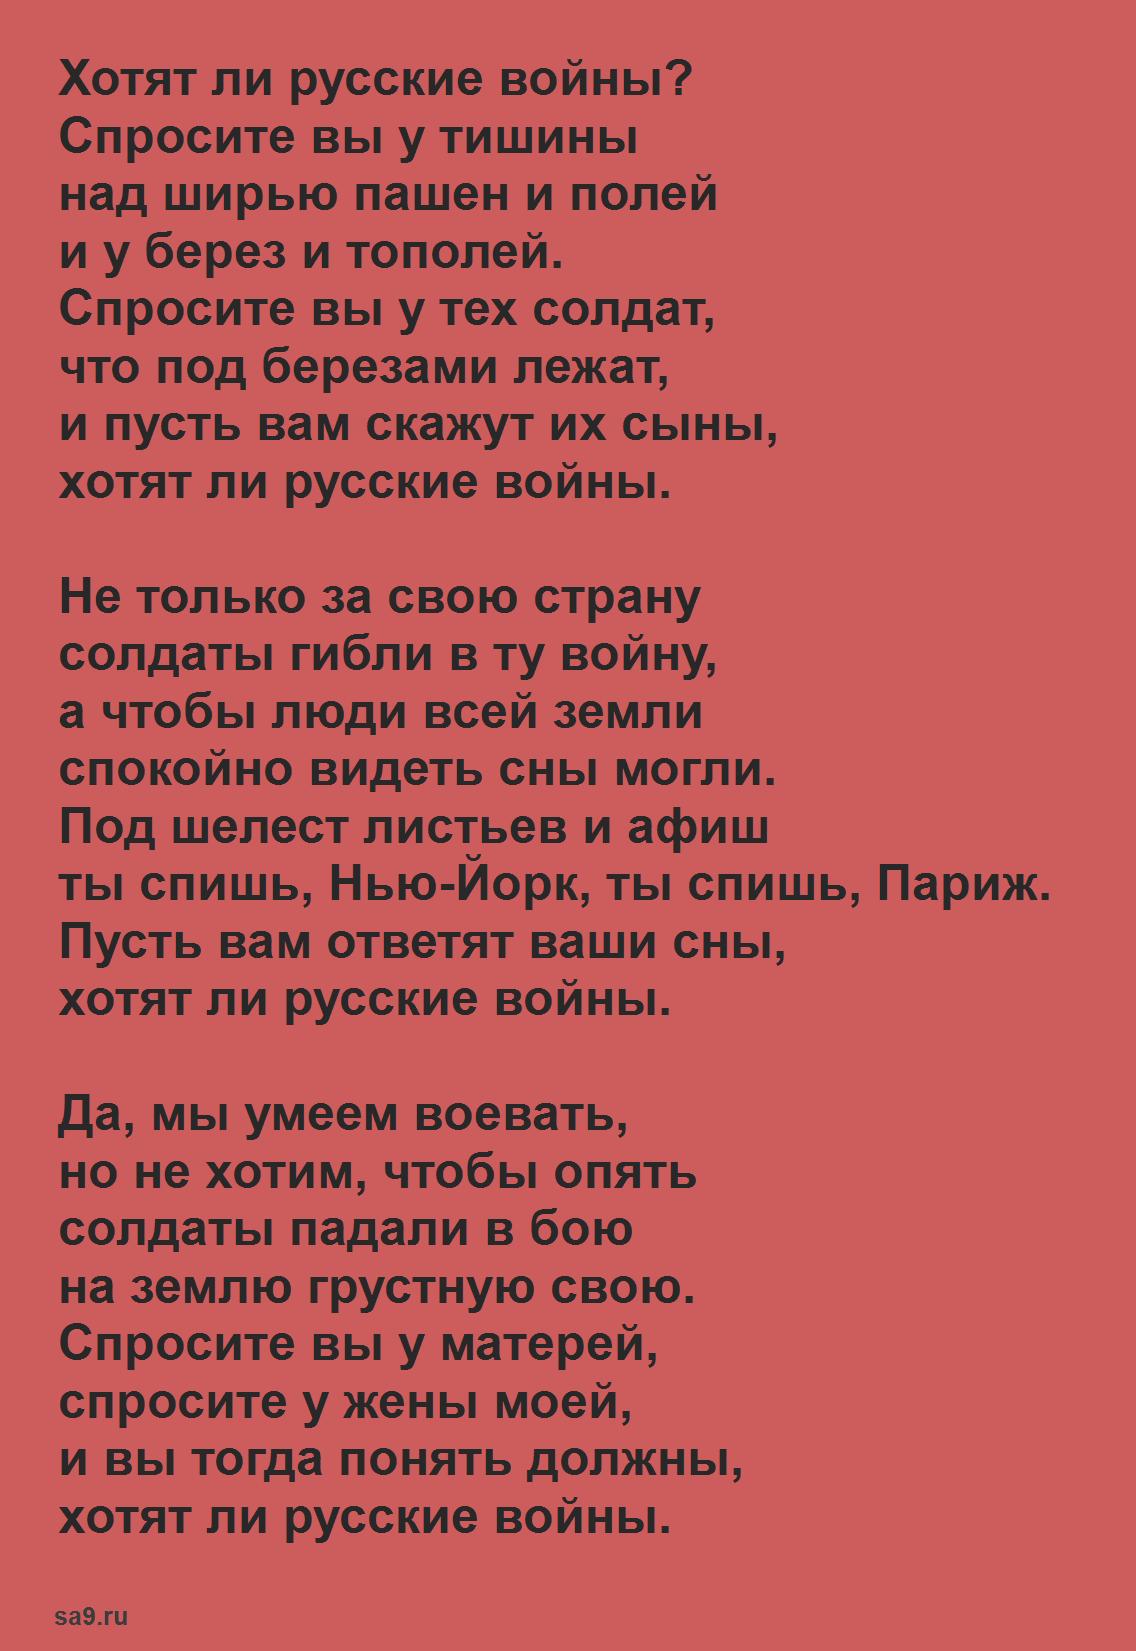 Песни на стихи Евтушенко - Хотят ли русские войны